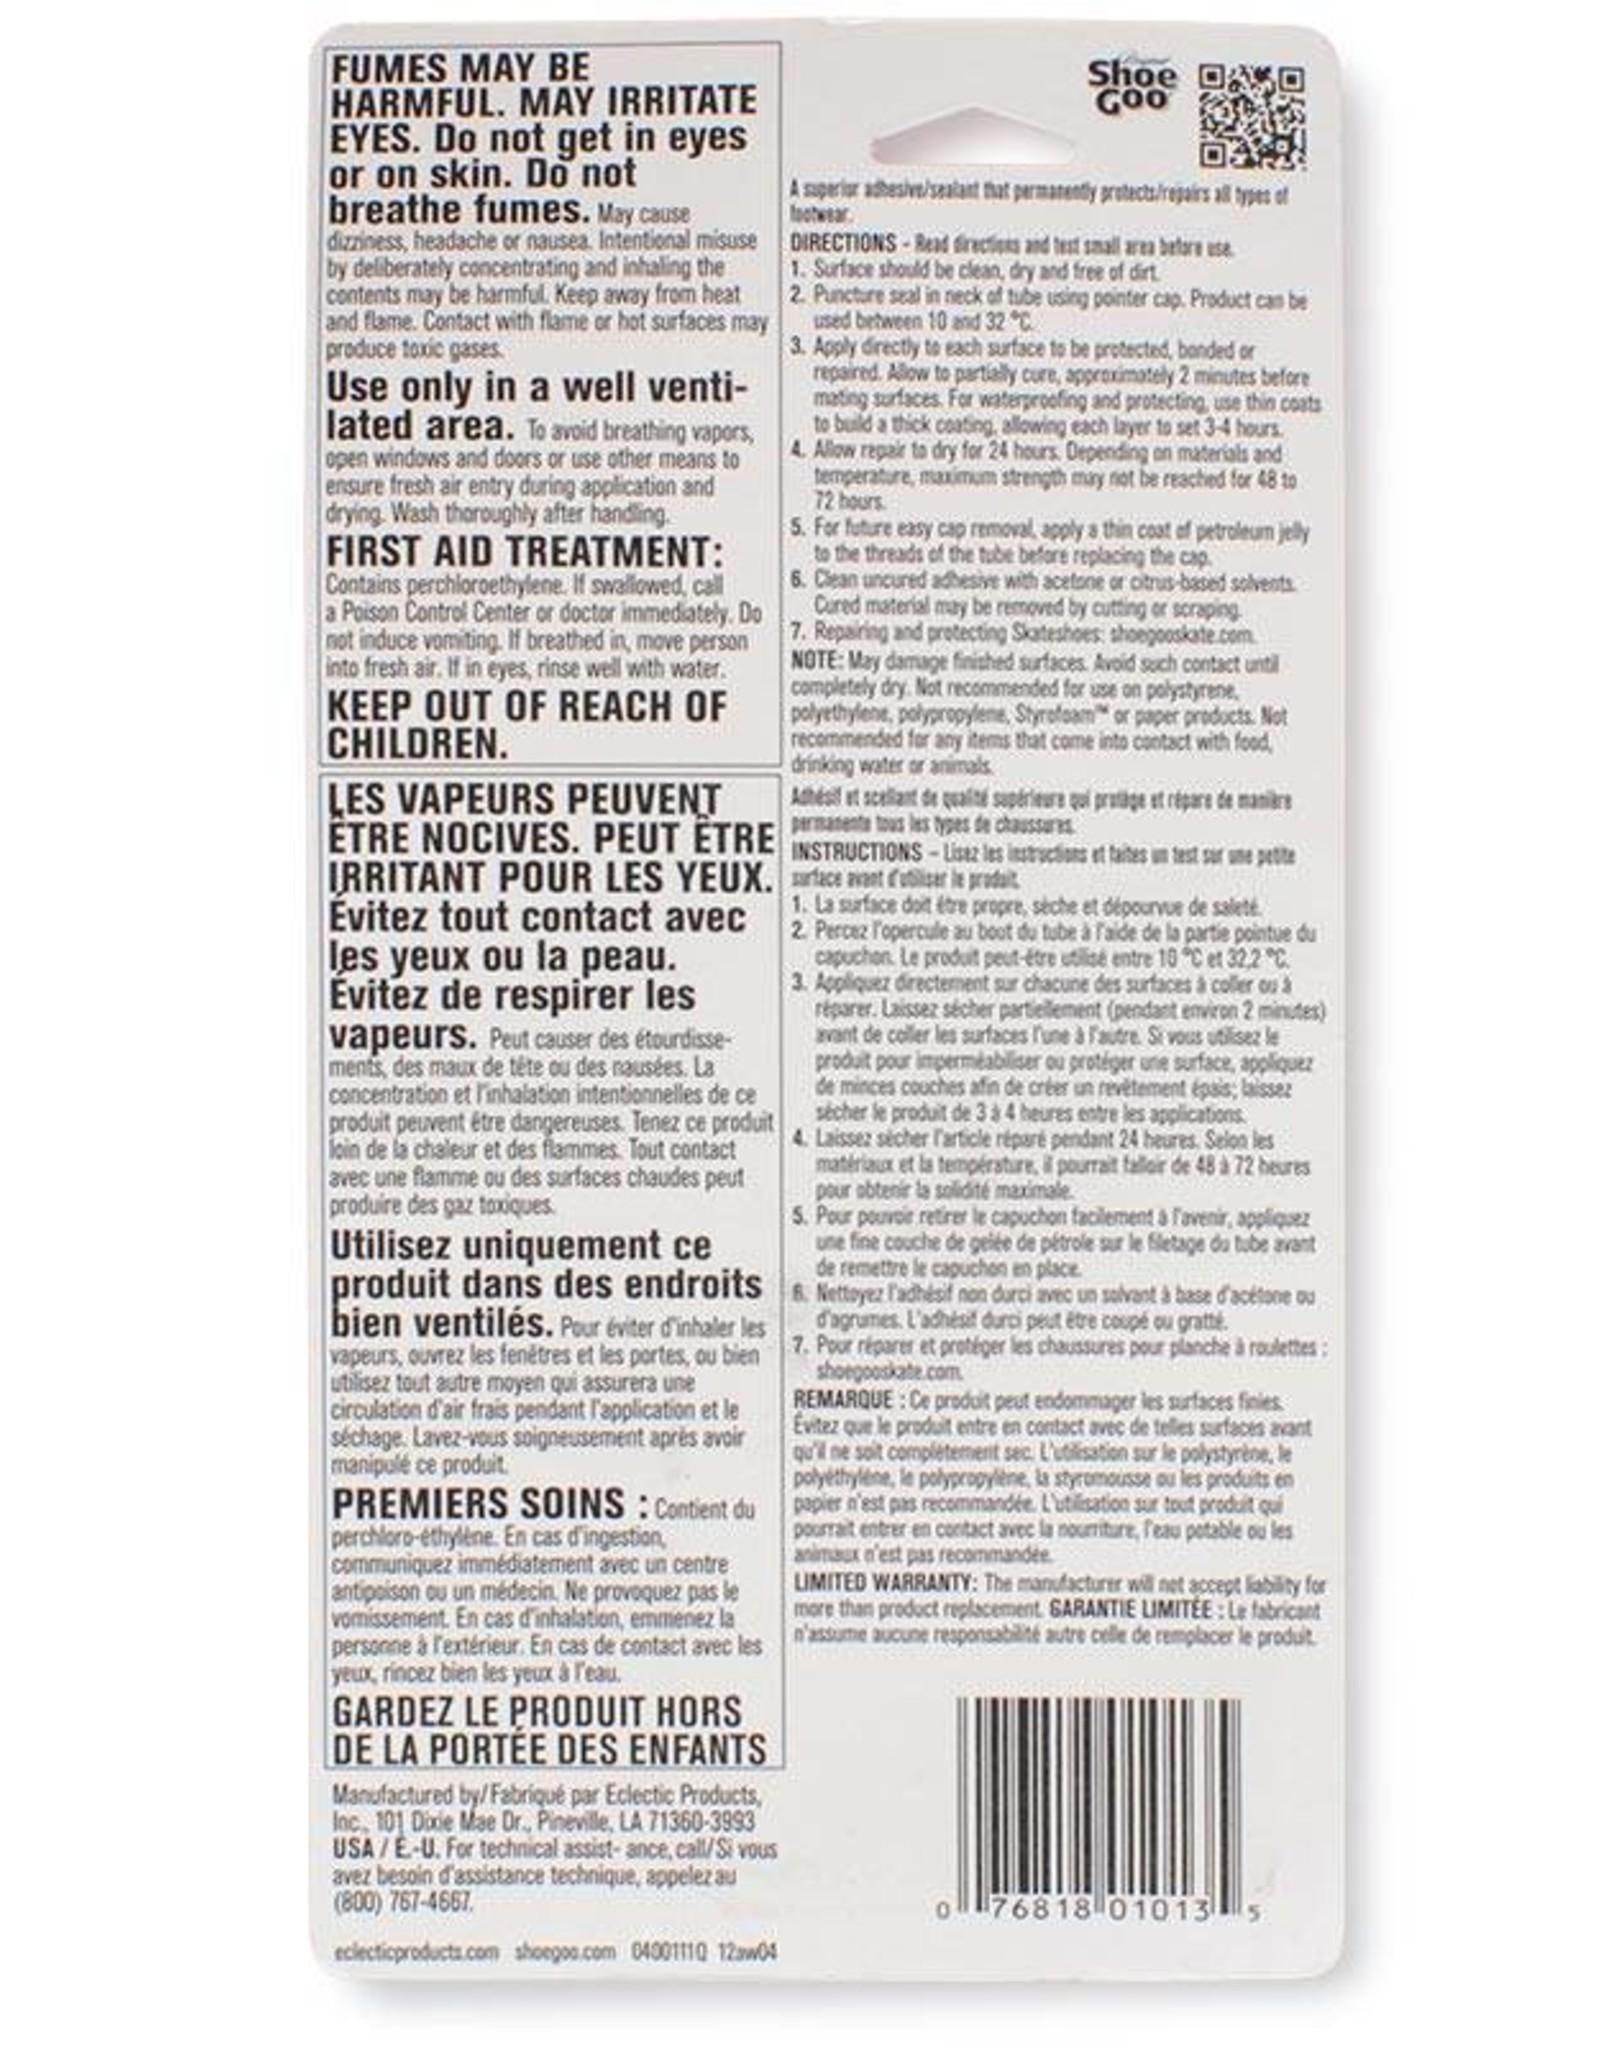 Shoe Goo Shoe Goo Original 110 ml Mixed 2-Pack with 10% Discount